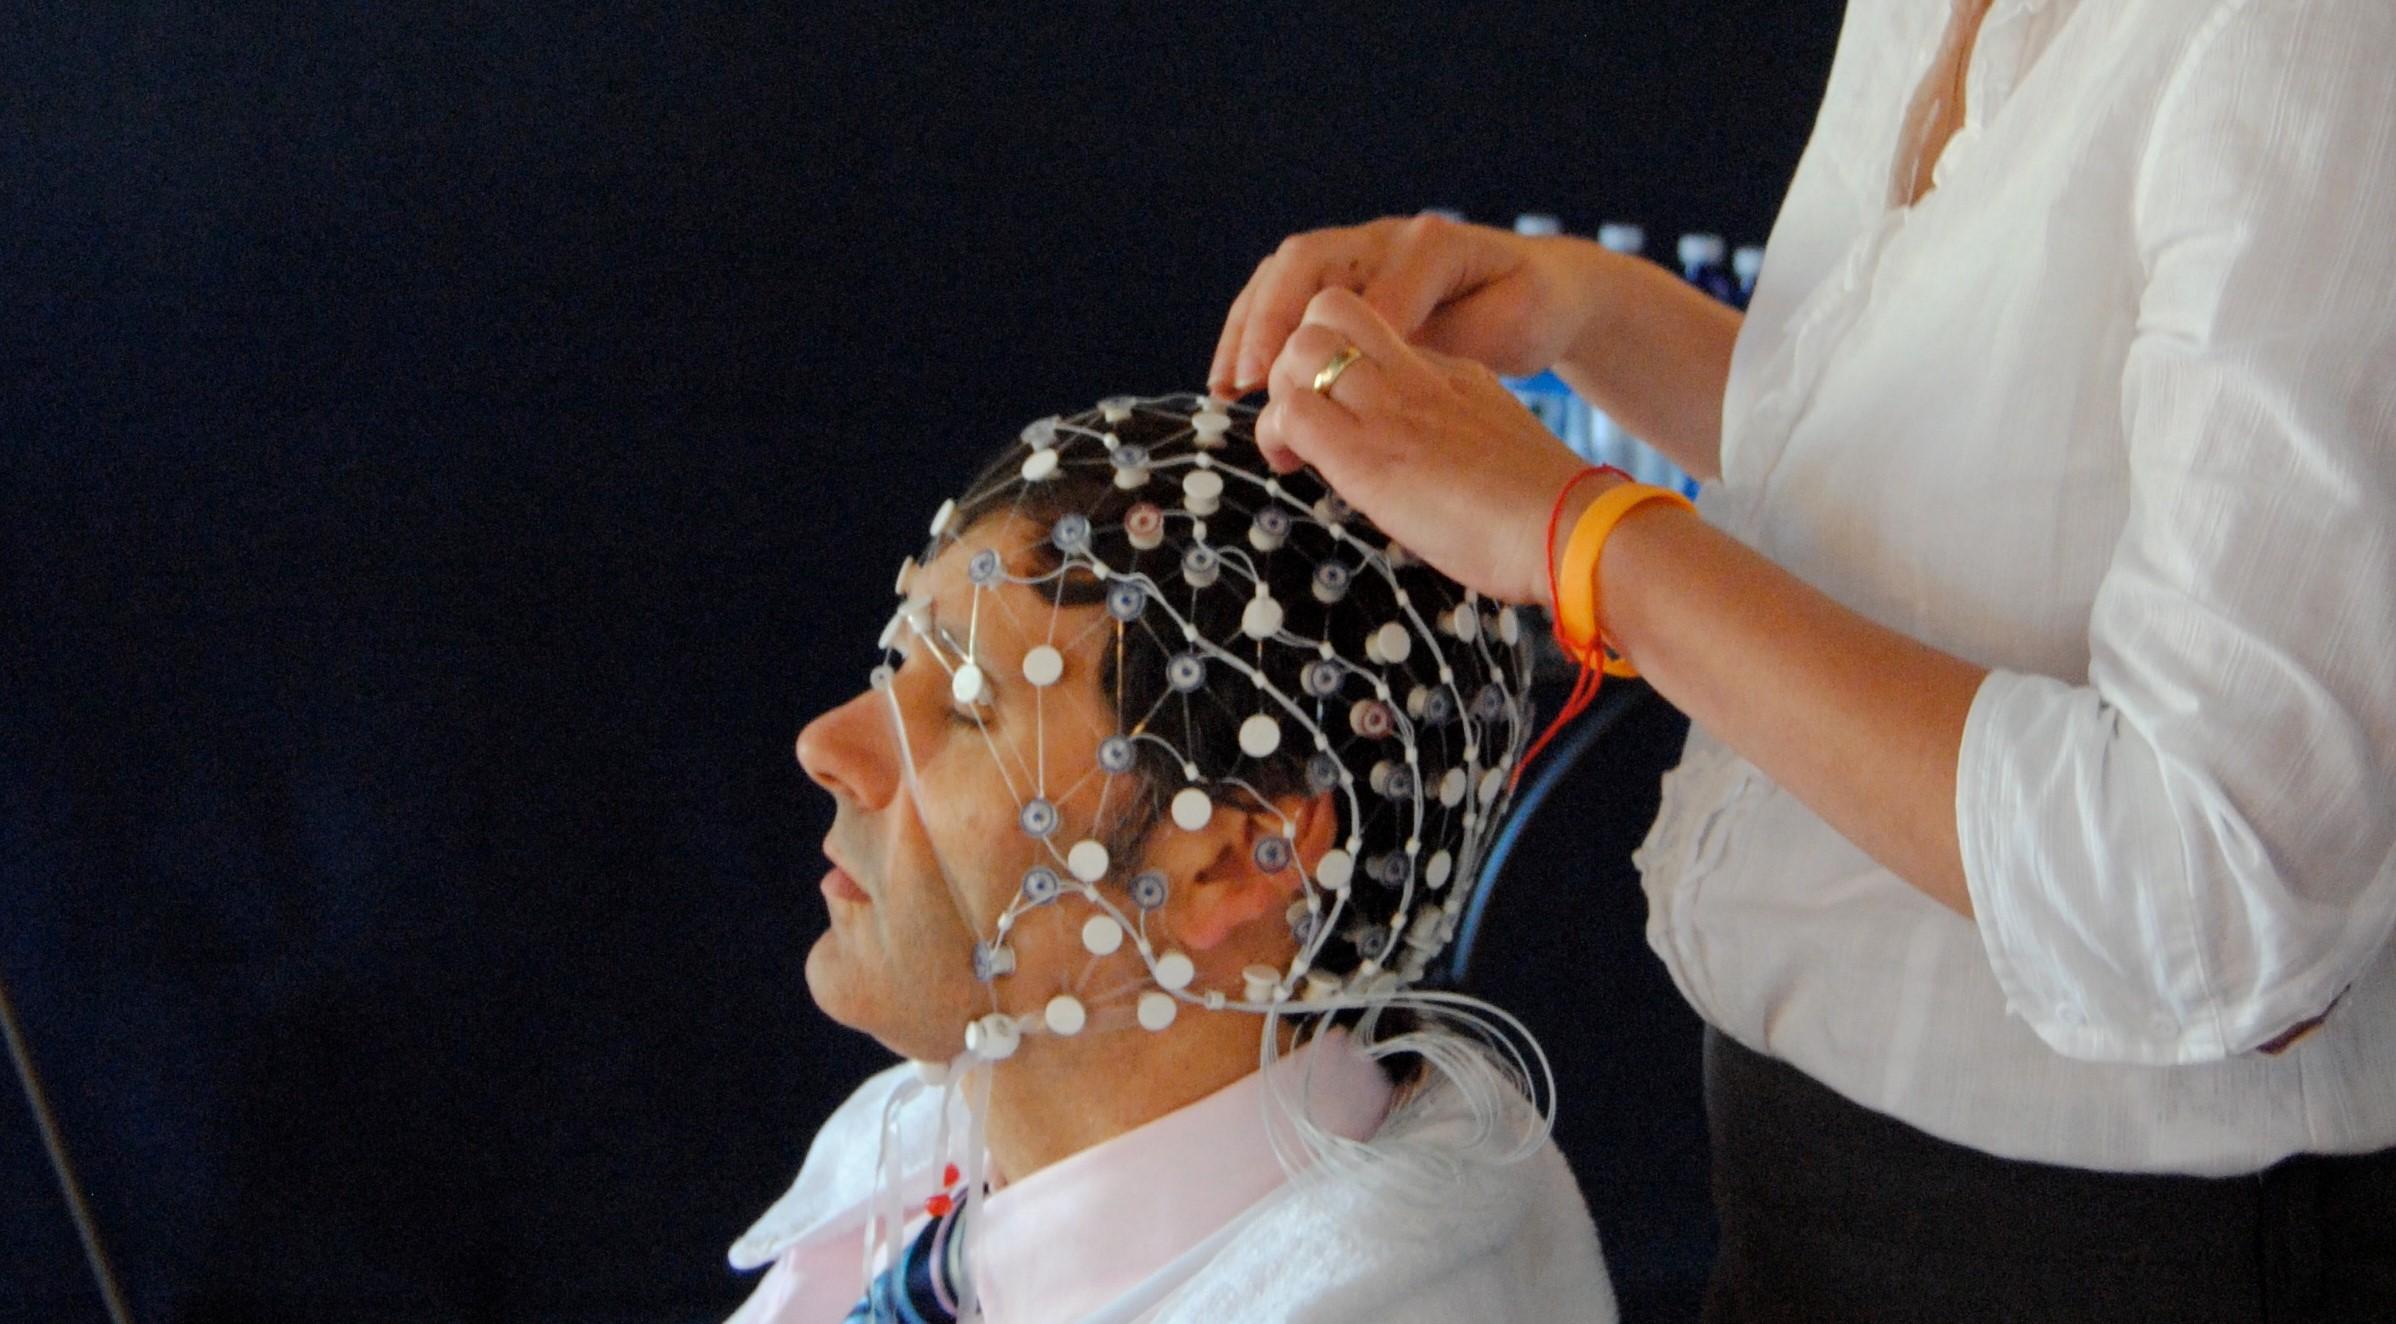 La Fondazione Paoletti inaugura il nuovo Centro Internazionale di Ricerca Neuroscientifica